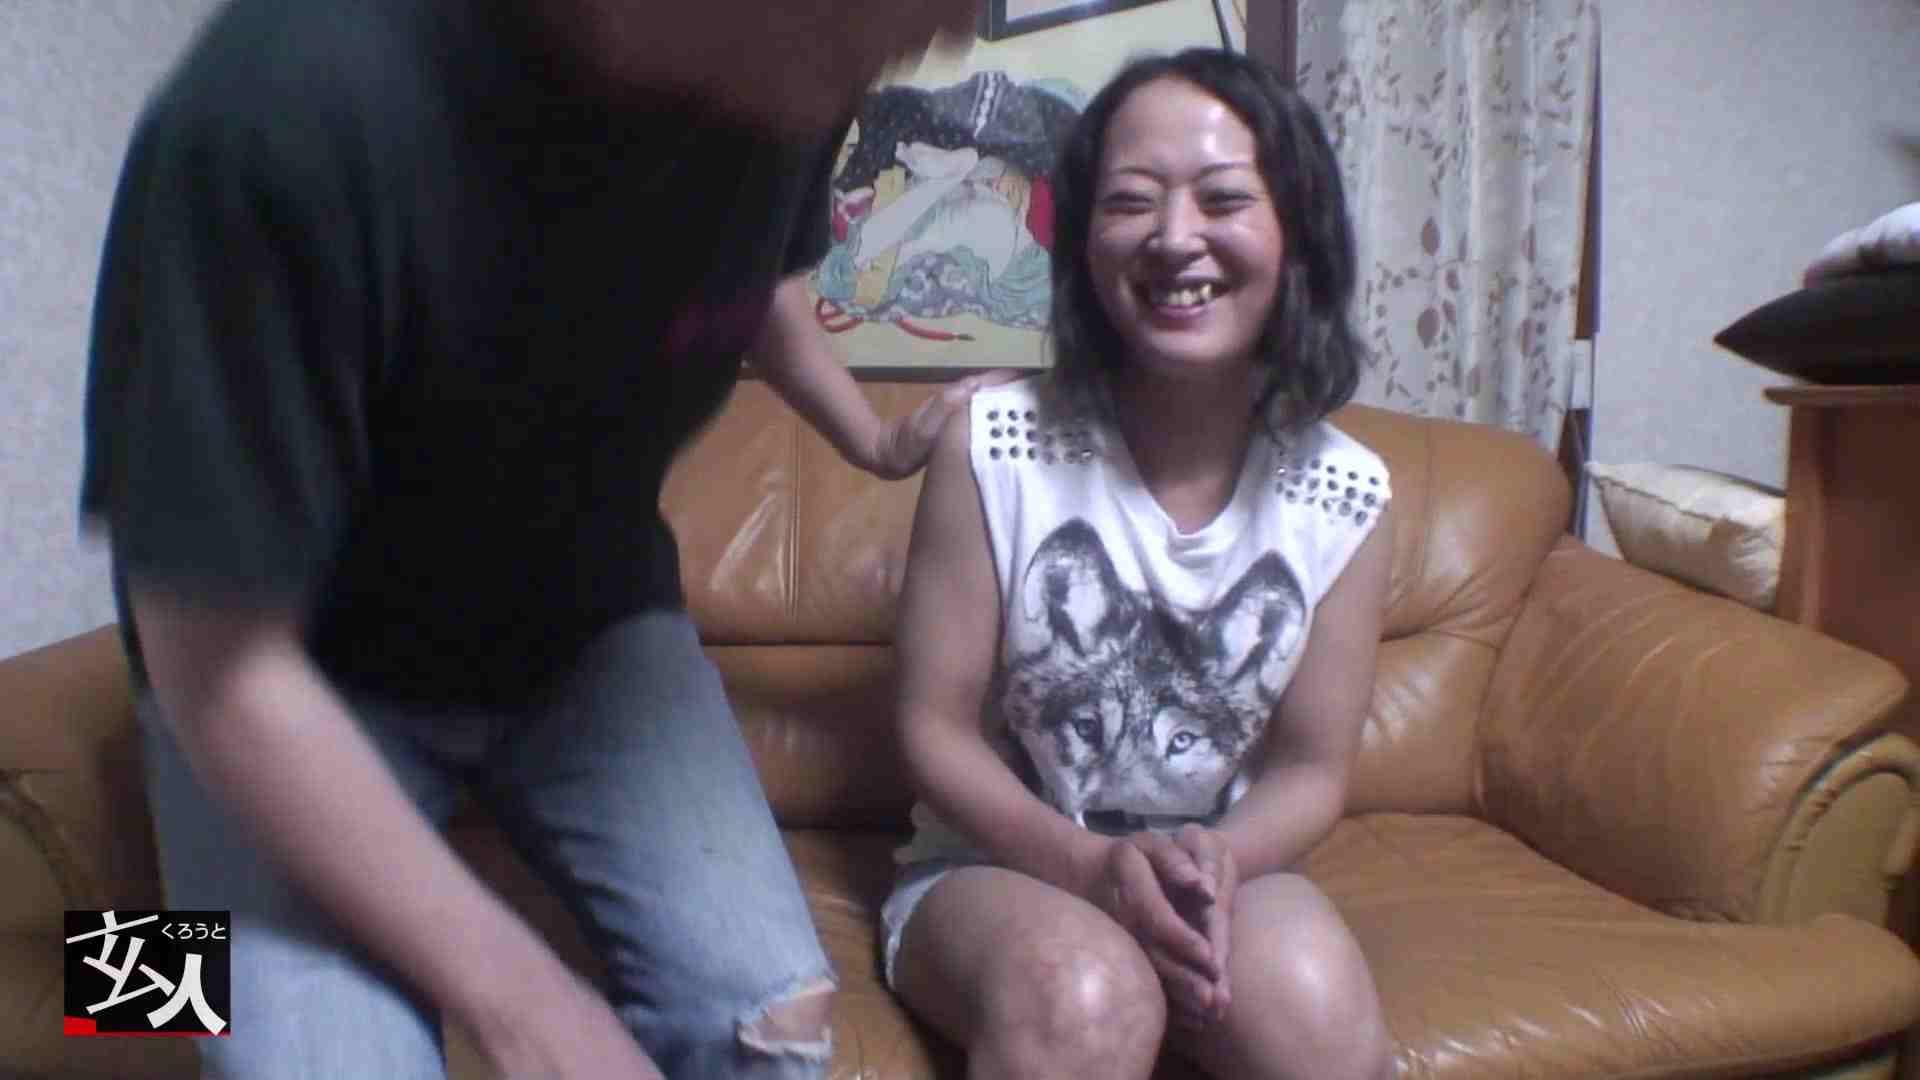 鬼才沖本監督作品 何でもハイと言う女 終章 フェラ AV無料動画キャプチャ 58PIX 2